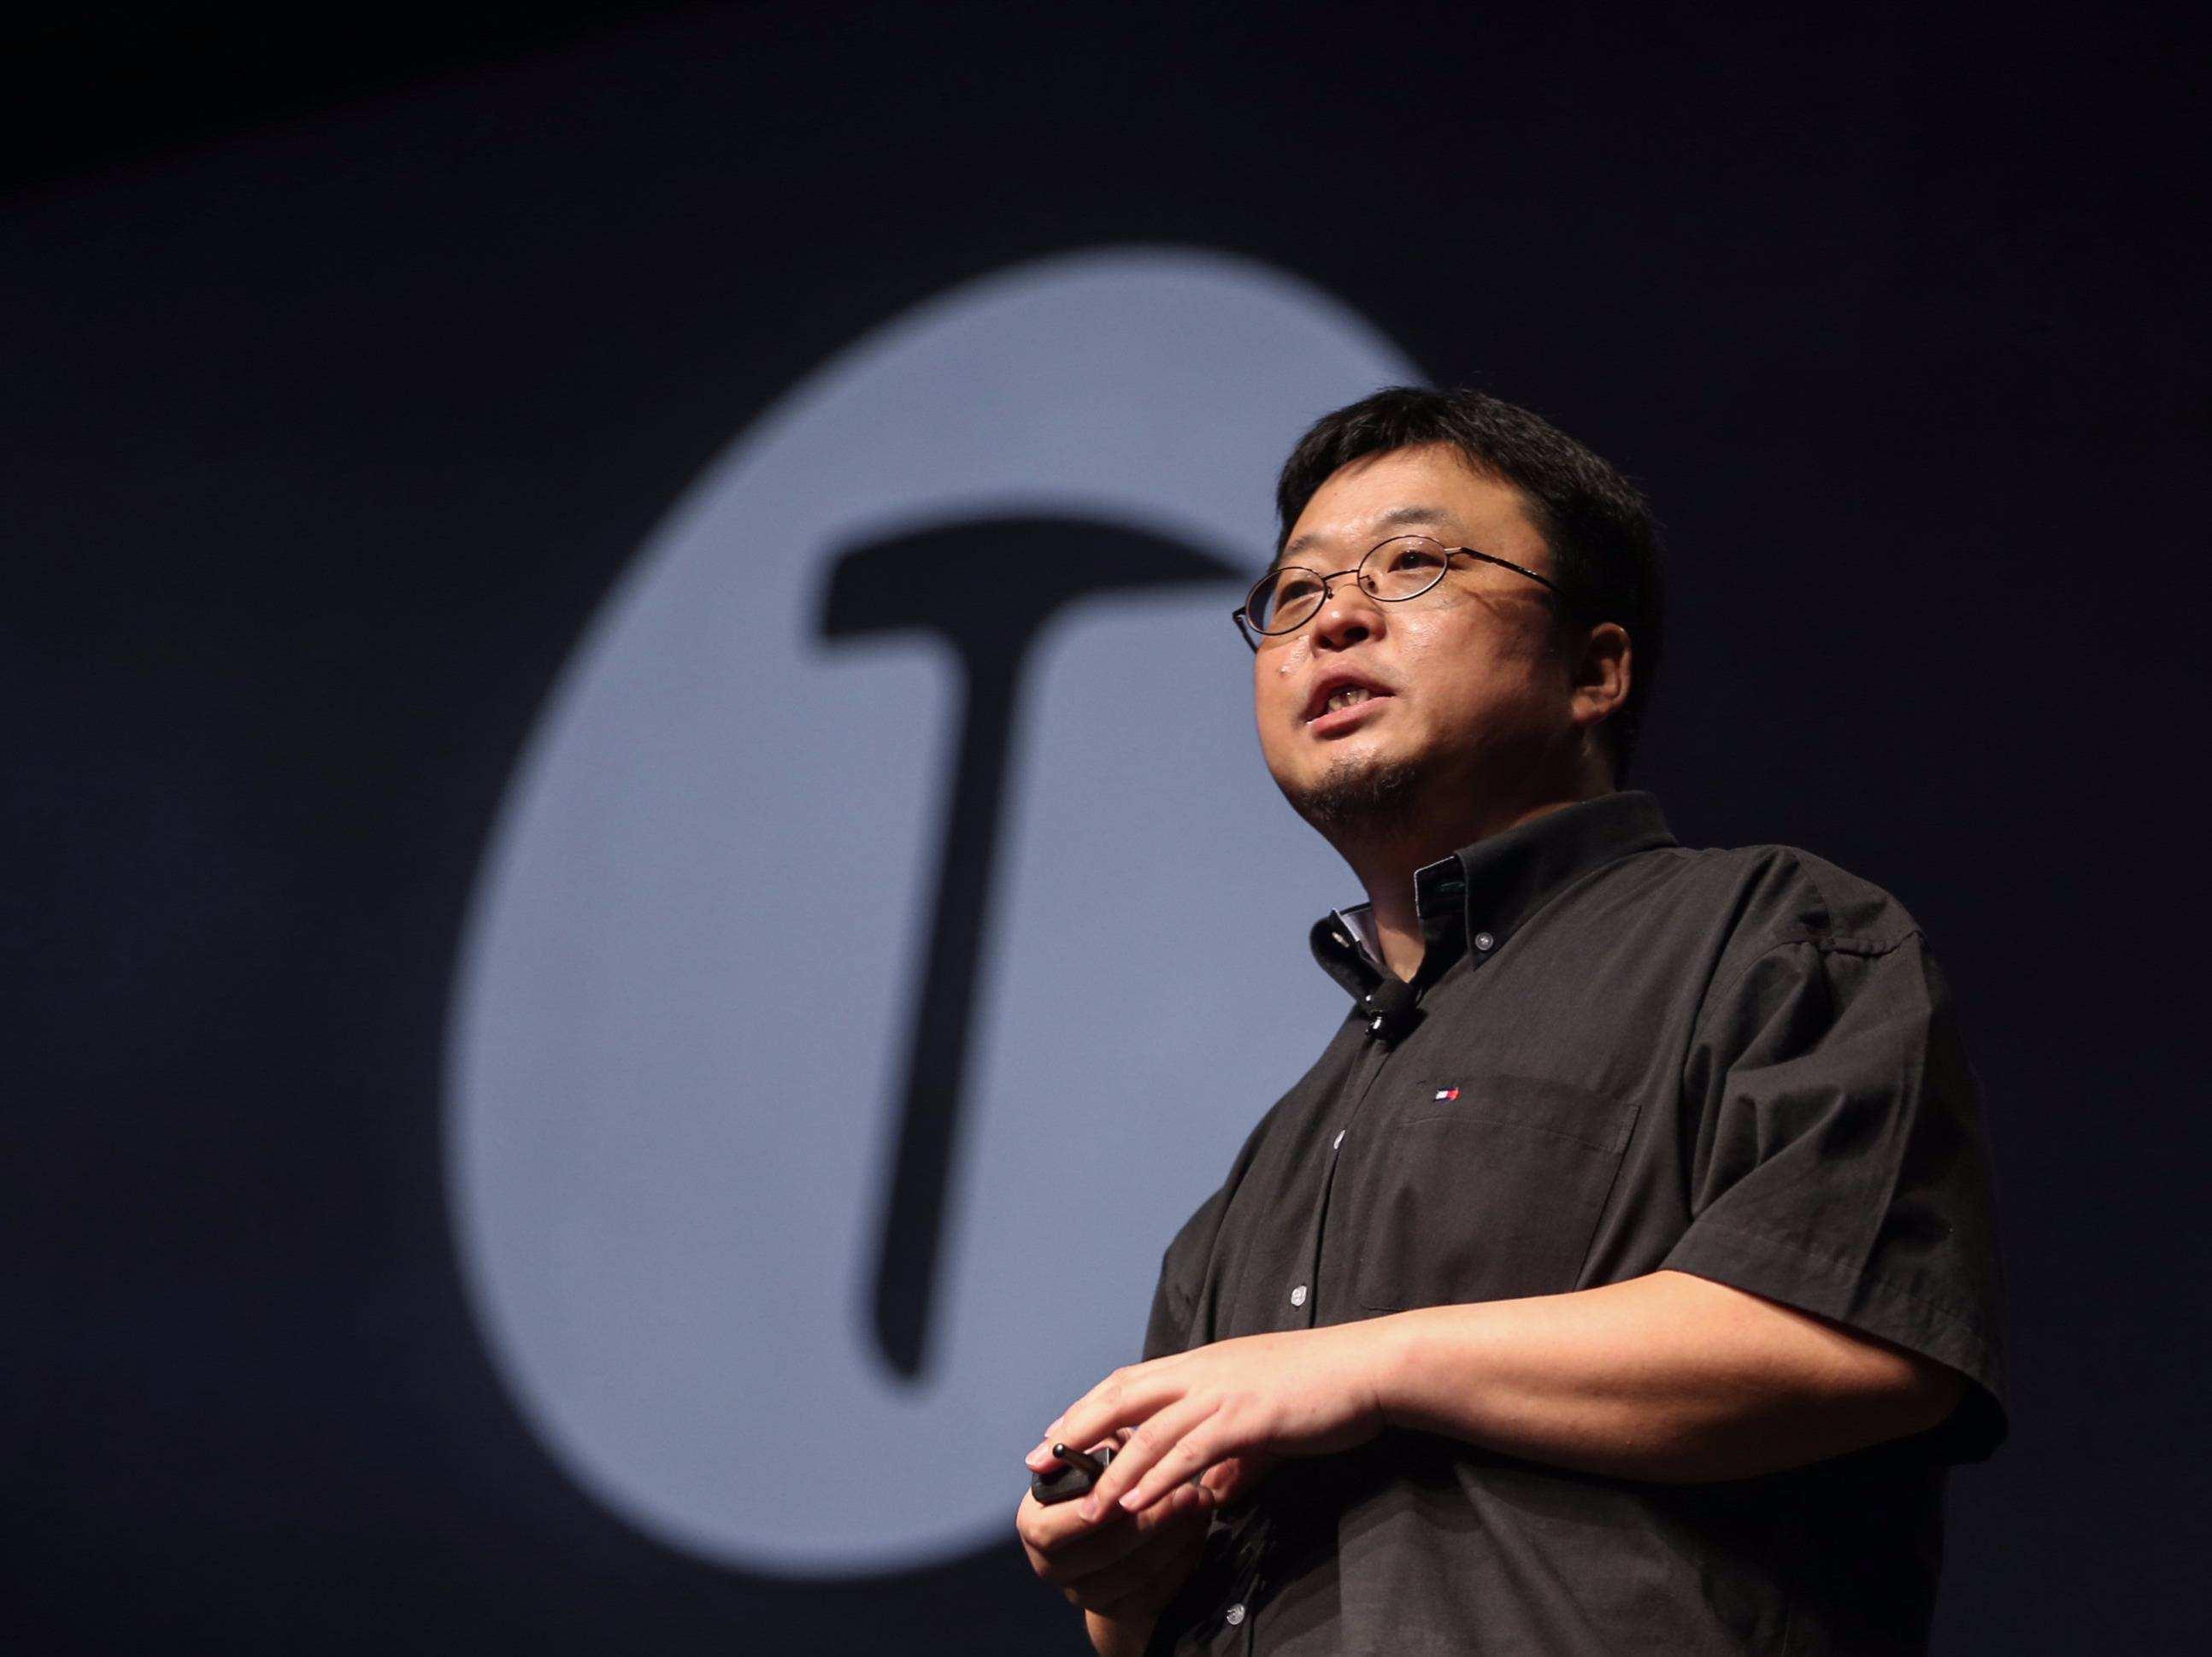 罗永浩:最近在社交媒体上嚣张跋扈的原因,也许和小野发布会有关